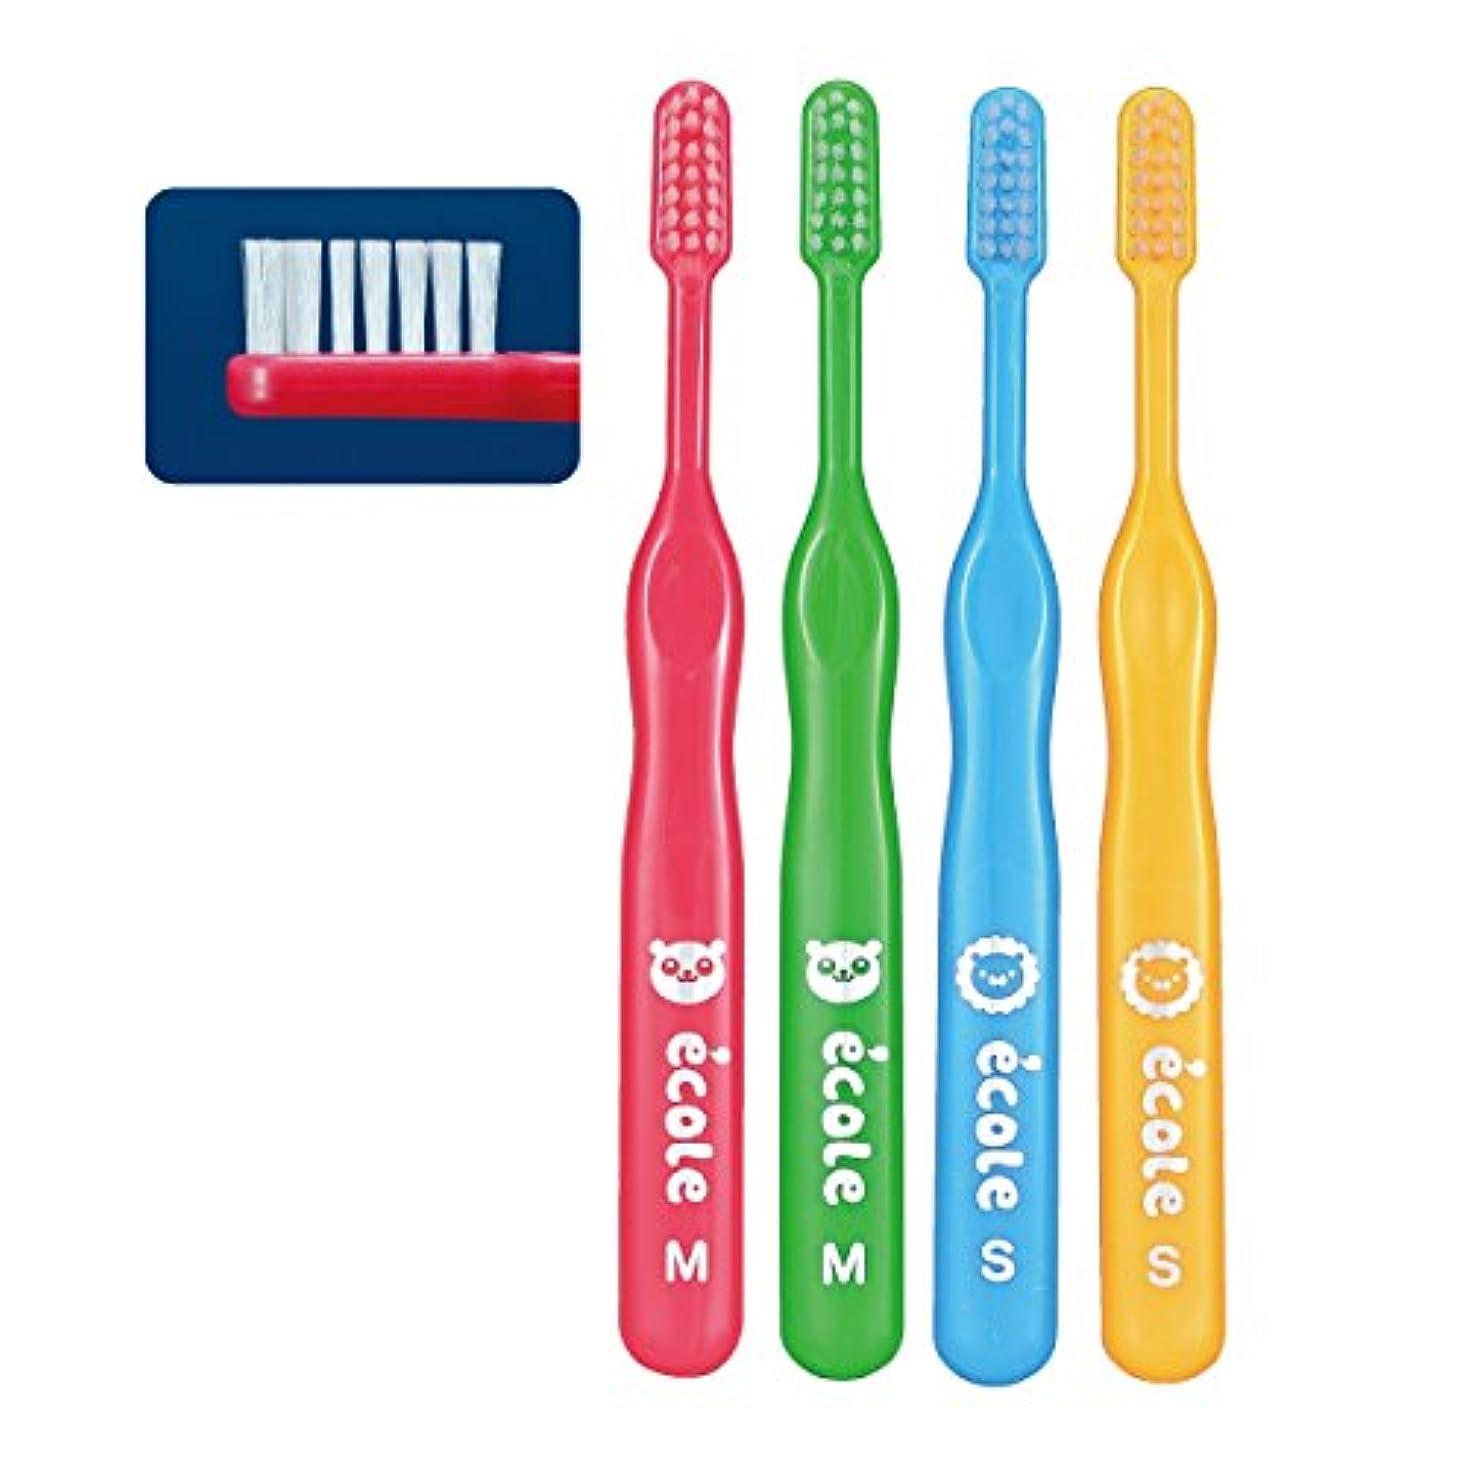 抵抗半導体懲戒リセラ エコル 幼児~小学生用歯ブラシ Sやわらかめ 4本入り